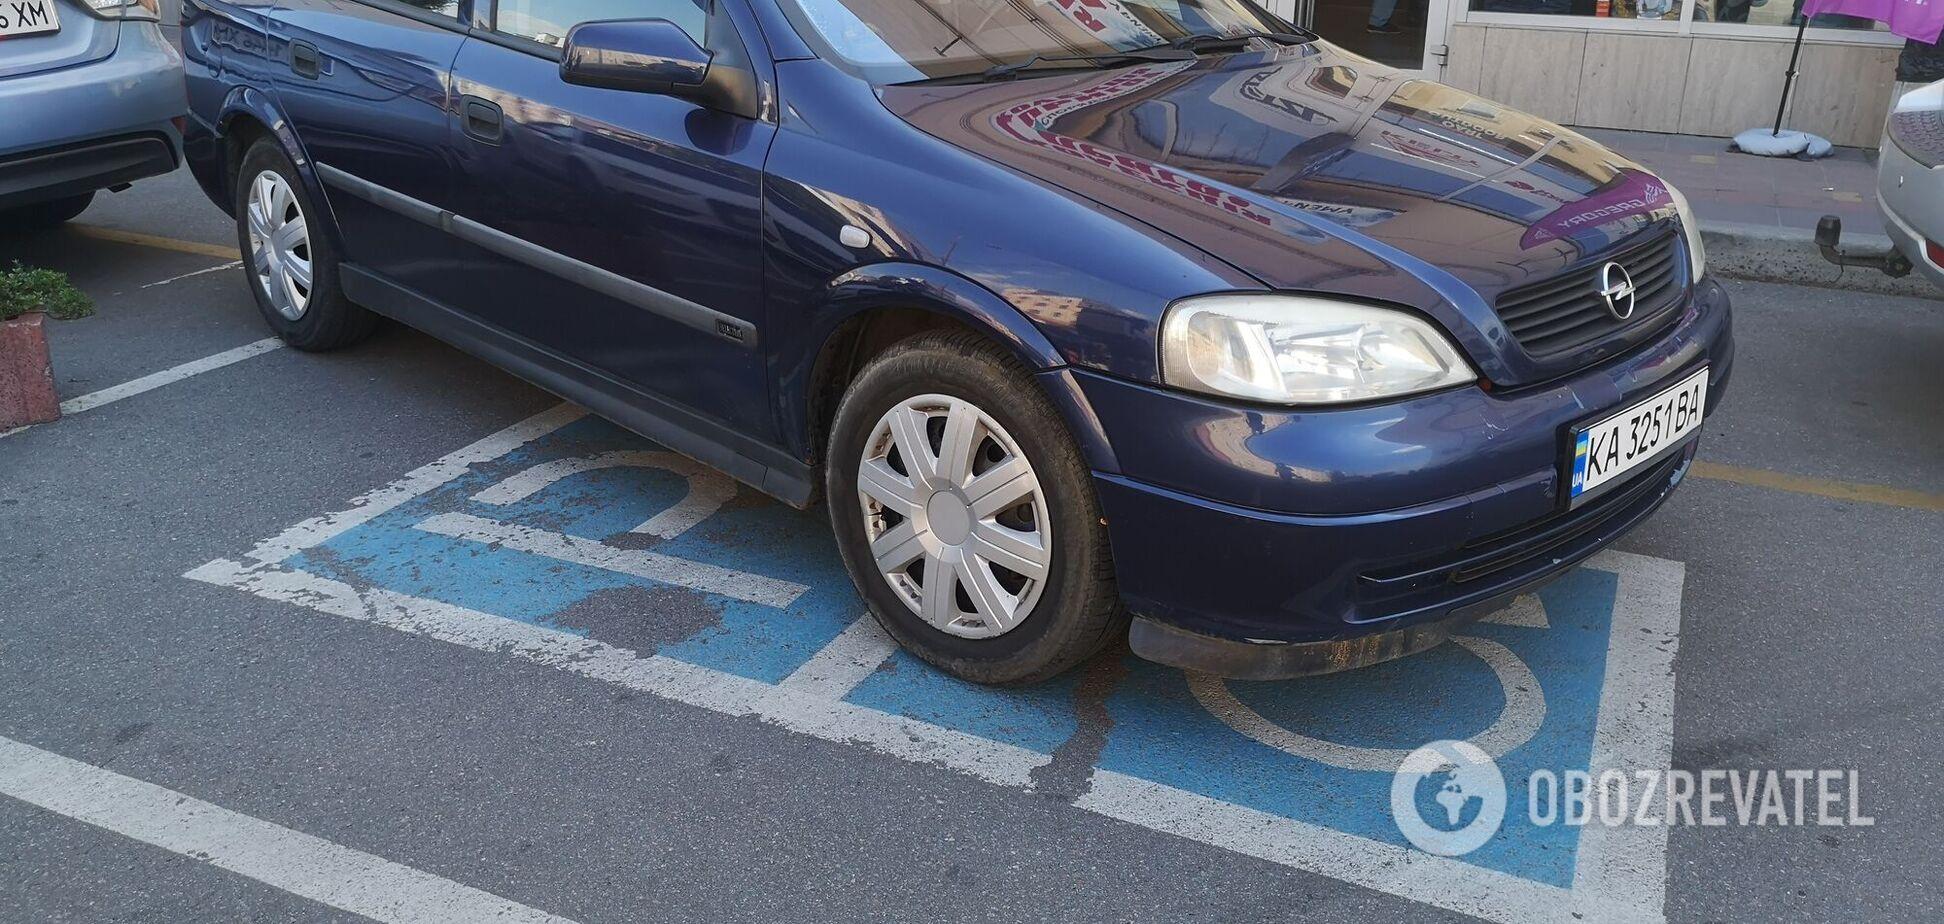 Українських водіїв будуть по-новому штрафувати за парковку